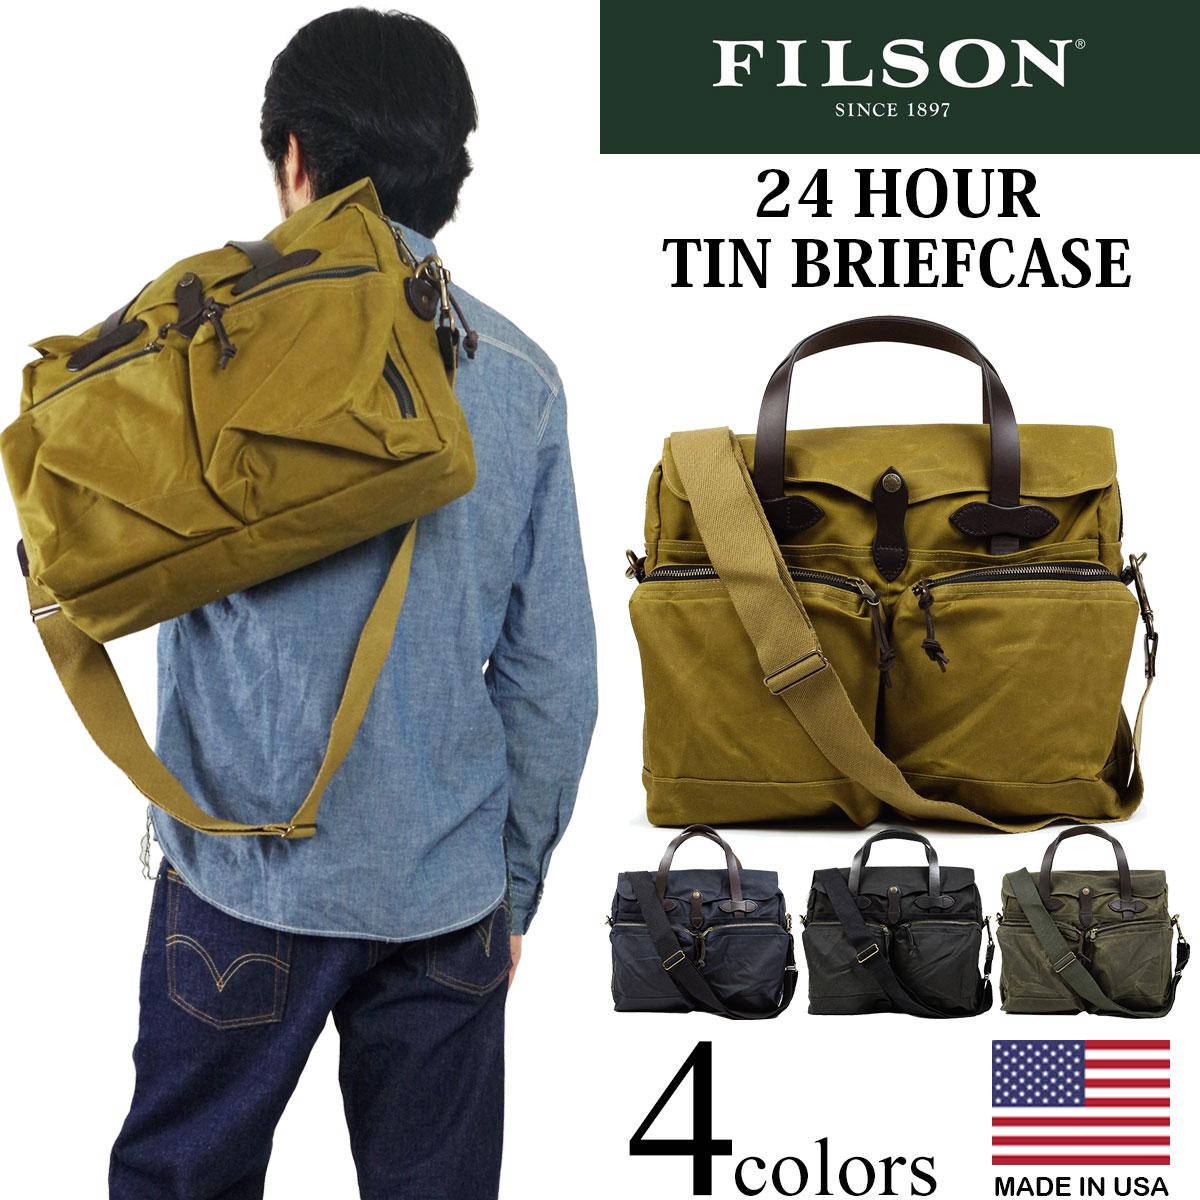 フィルソン FILSON 24アワー ティン ブリーフケース (アメリカ製 米国製 24 HOUR TIN BRIEFCASE ショルダーバッグ ビジネスバッグ)